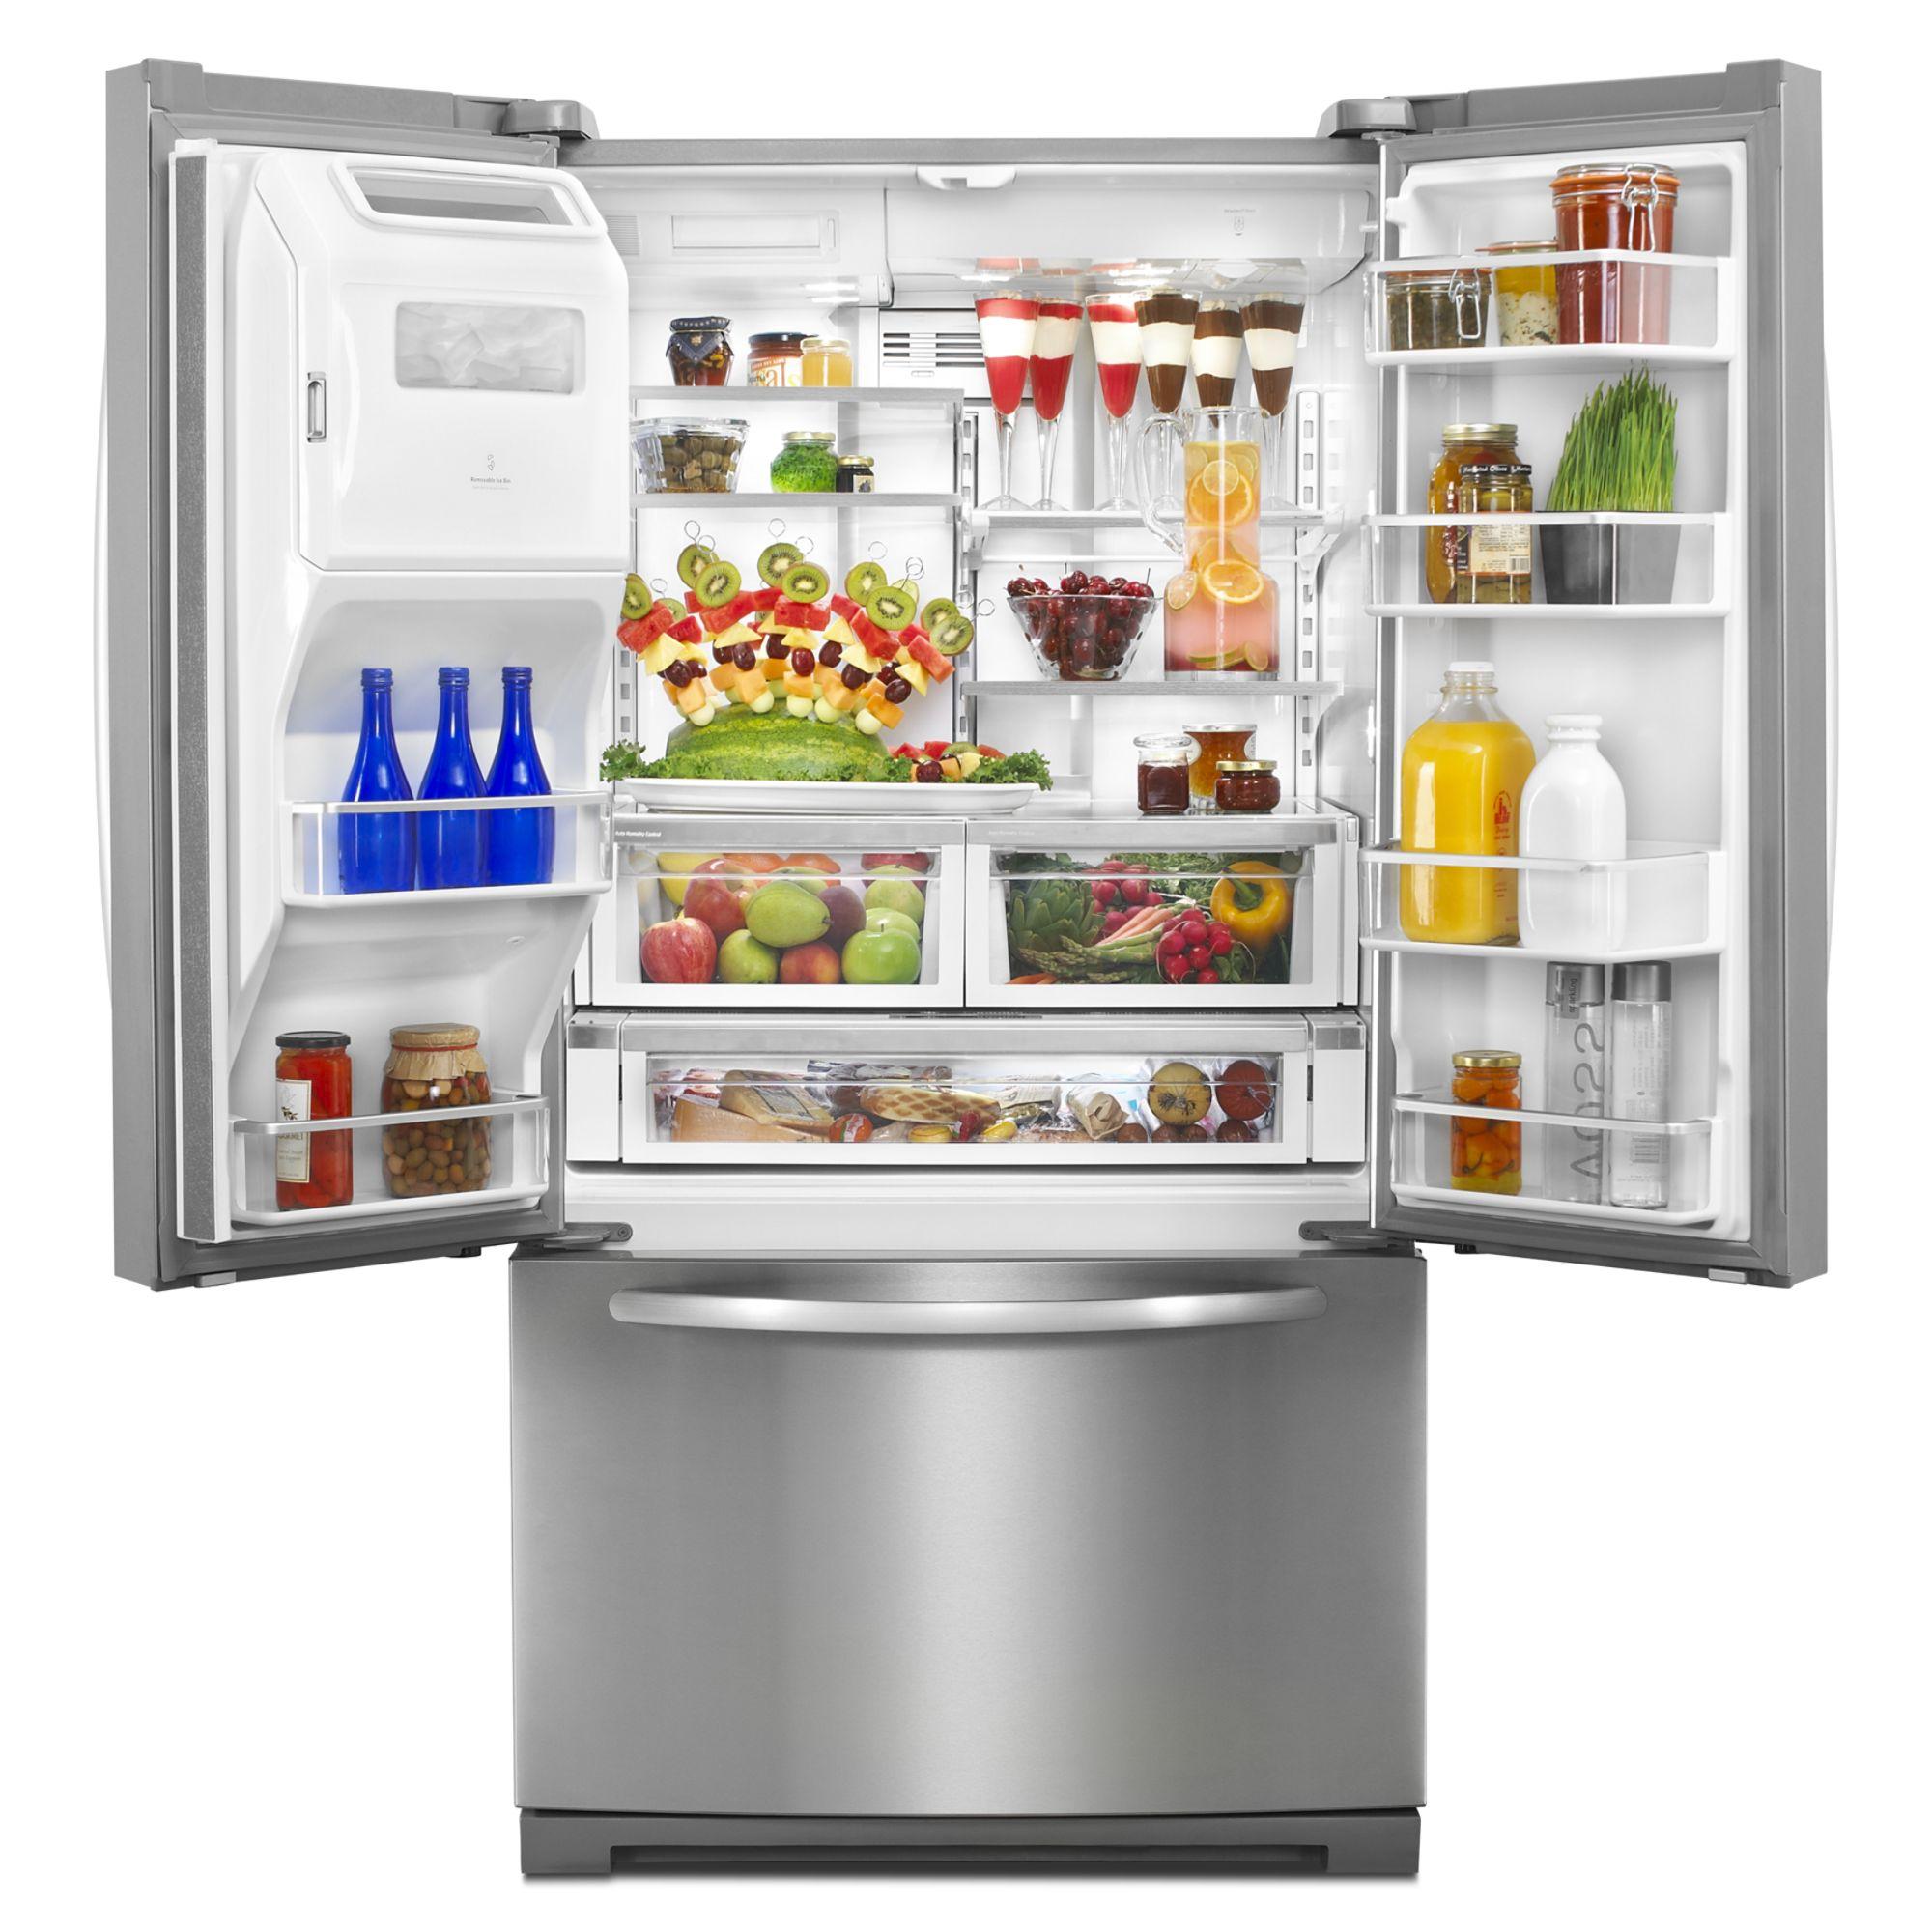 KitchenAid 28.6 cu. ft. FrenchDoor Refrigerator w/ Flush Dispenser - Stainless Steel